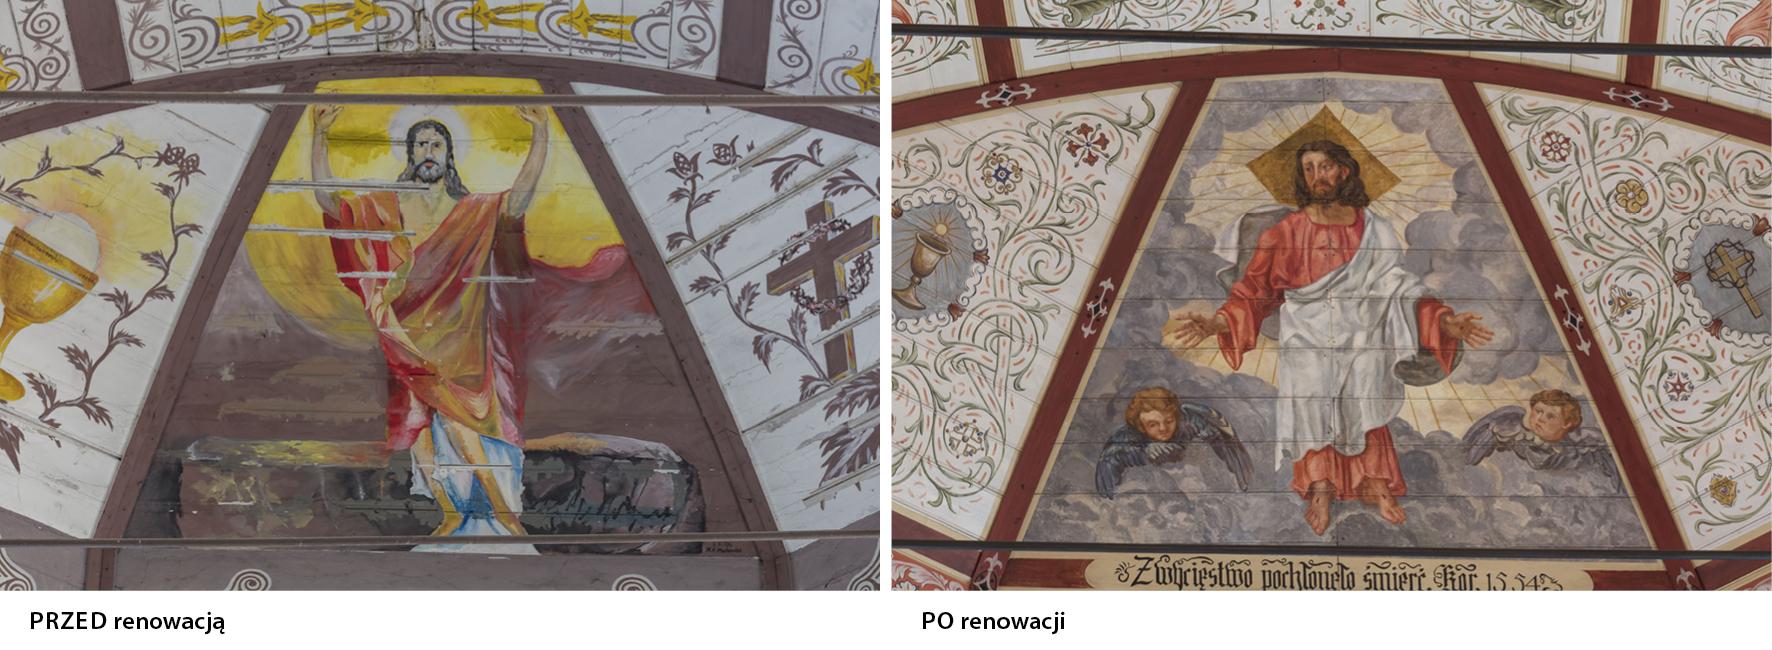 przed_po_renowacji_1923